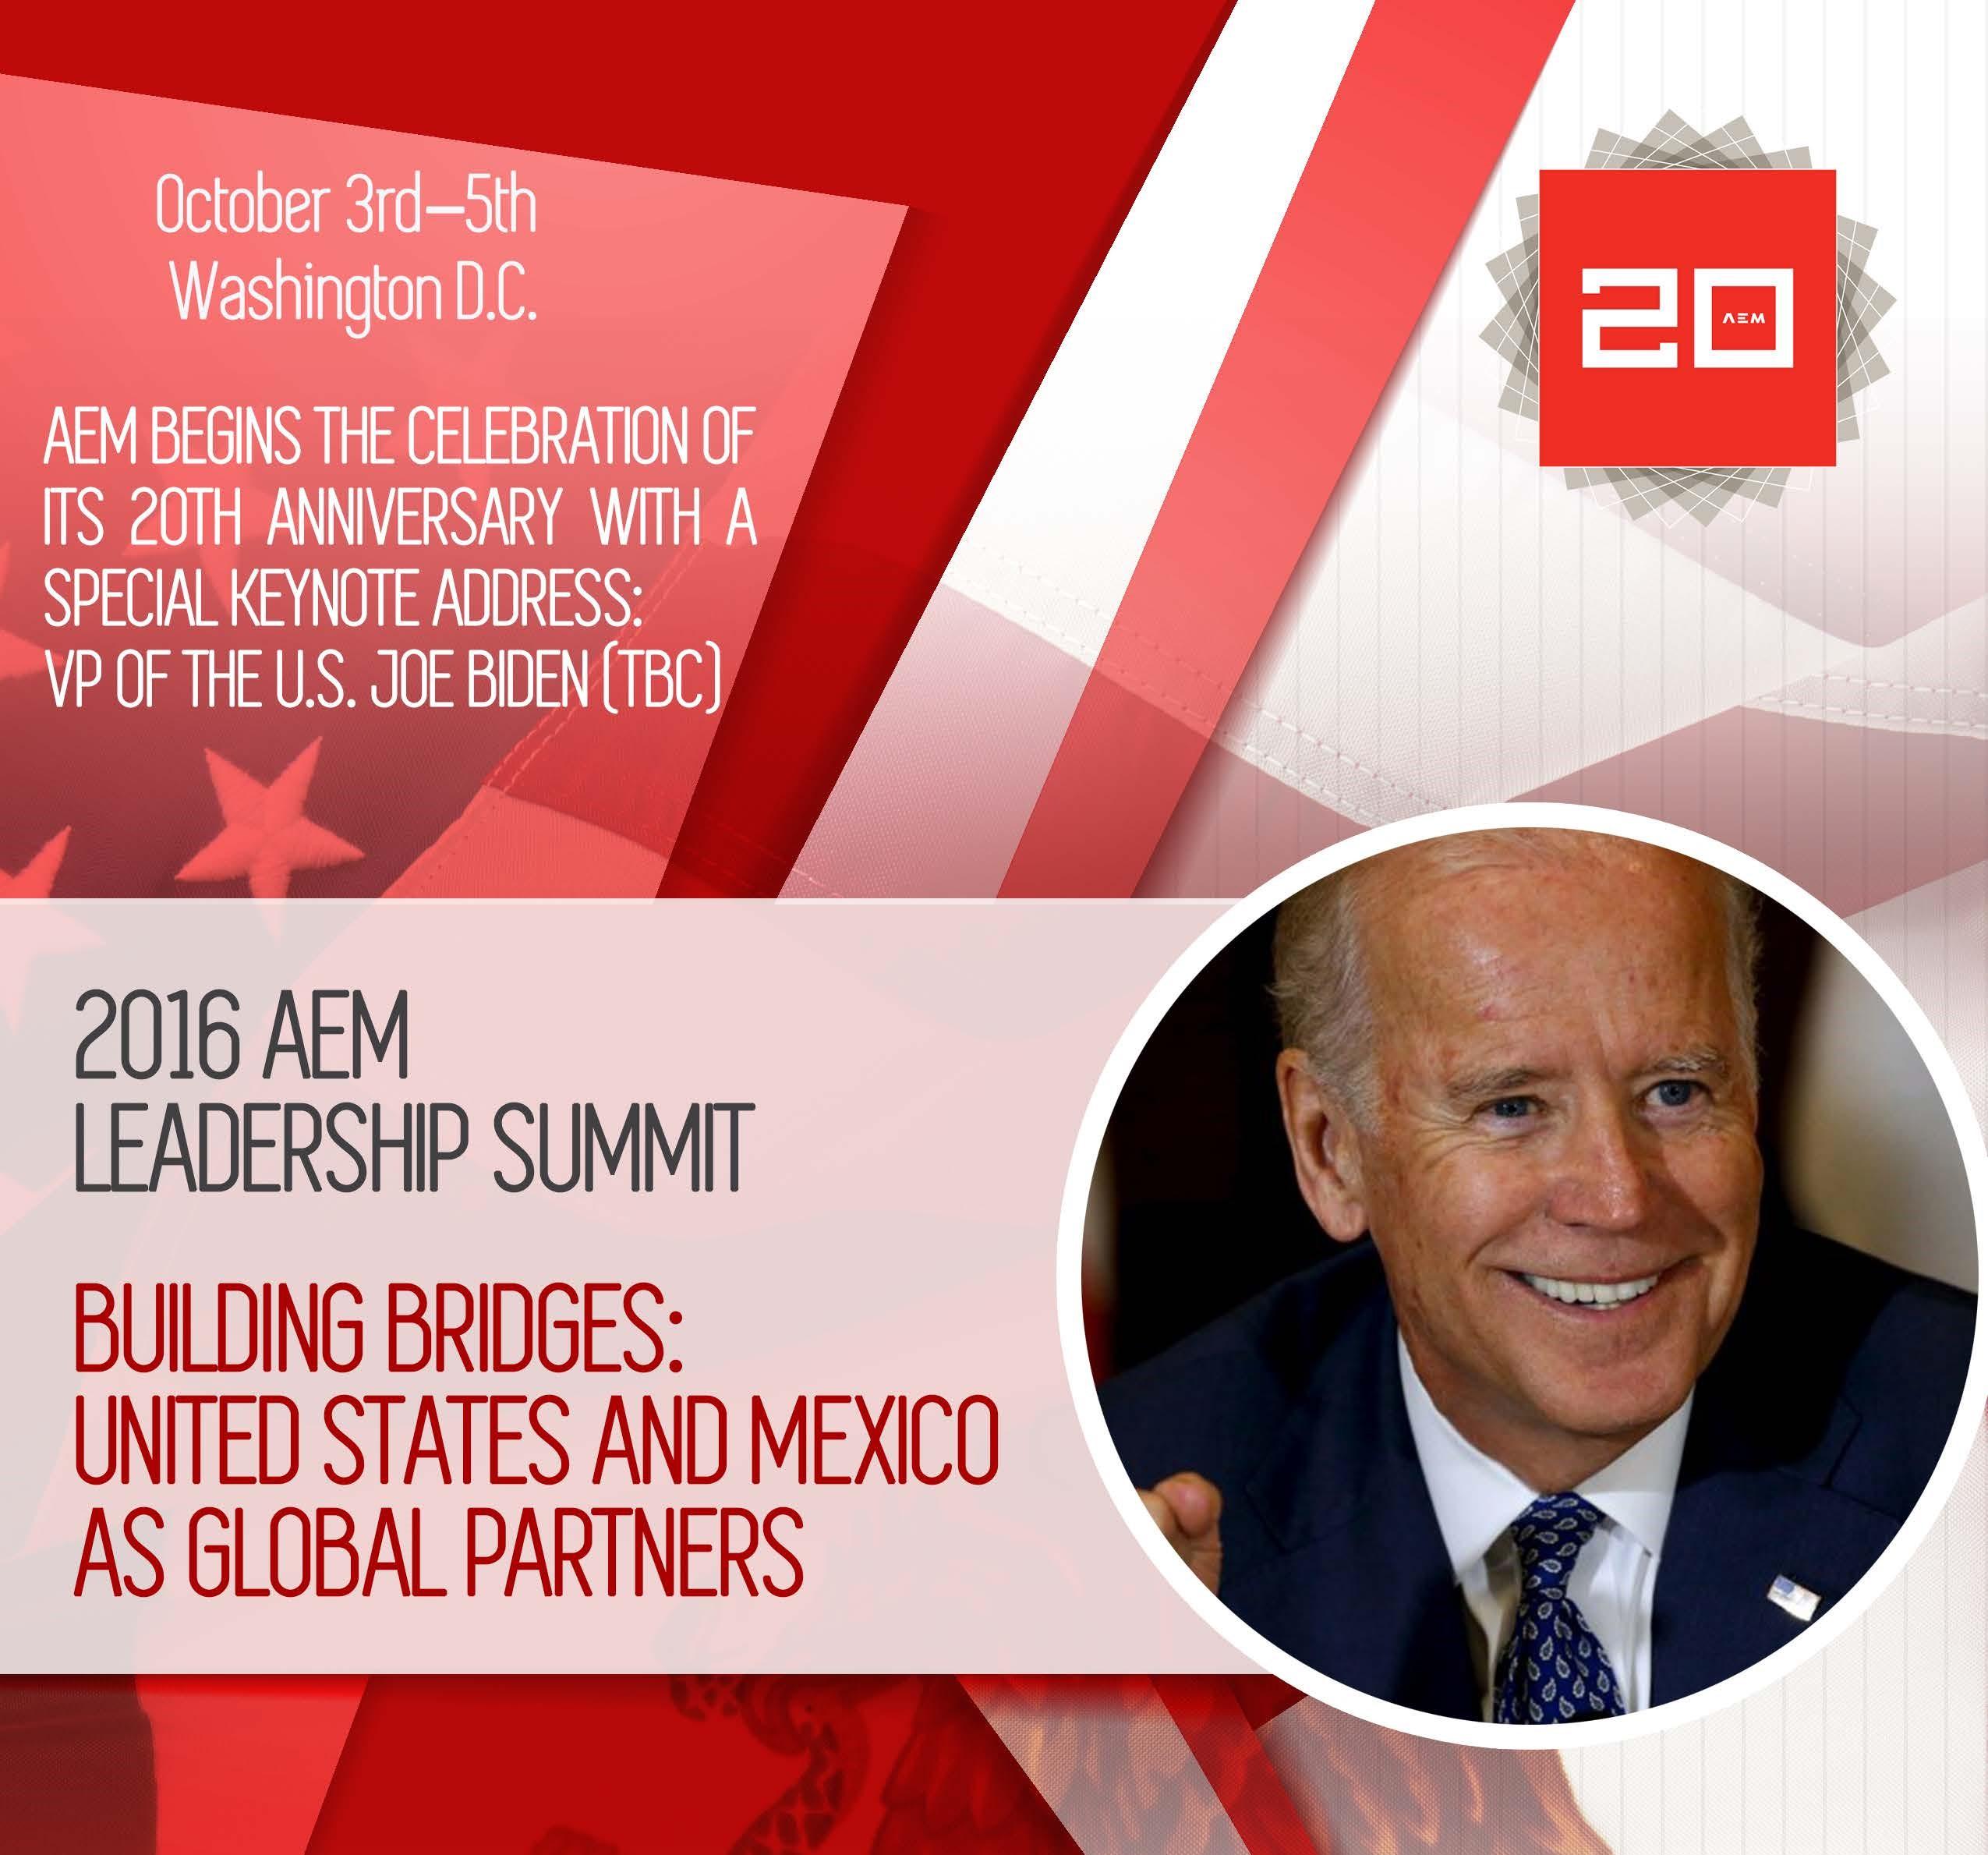 AEM's 20th Anniversary Leadership Summit